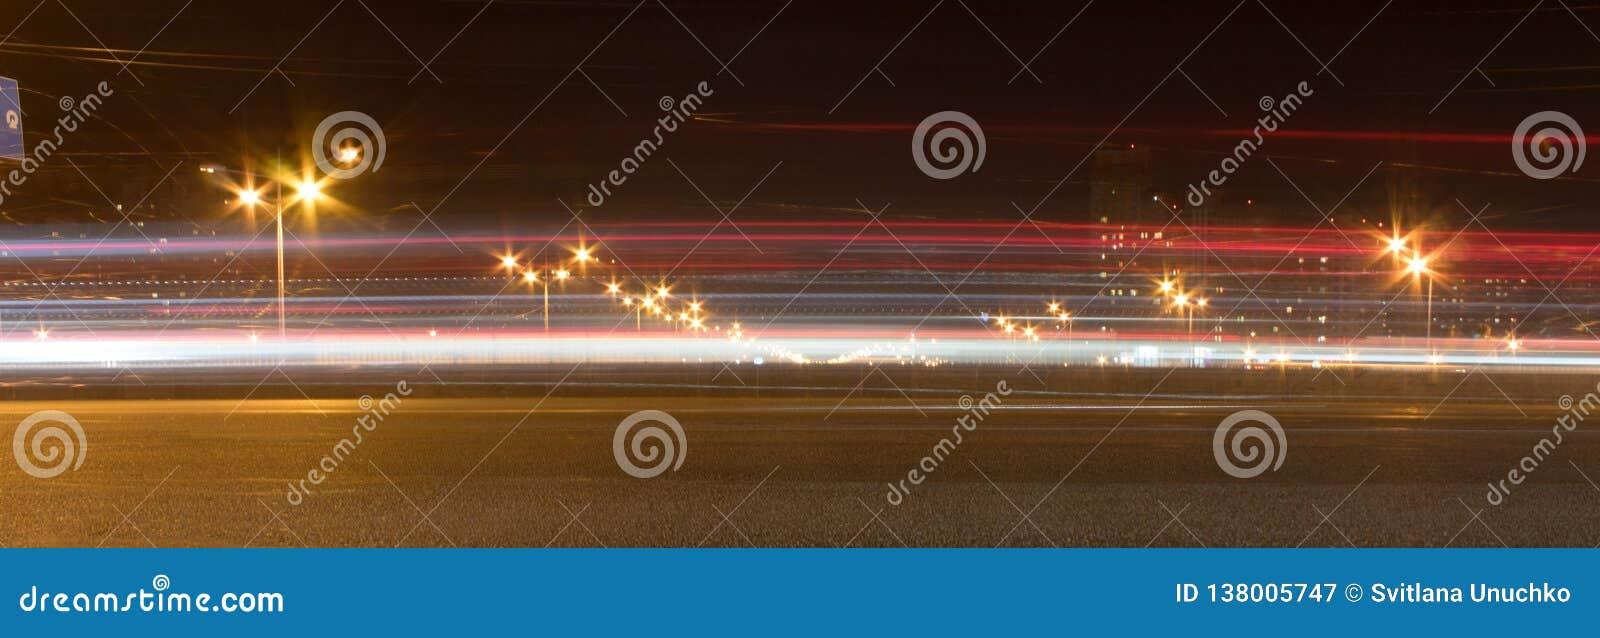 De autosnelweg bij nacht De autobewegingen bij snelle snelheid bij de nacht Bluredweg met lichten met auto op hoge snelheid